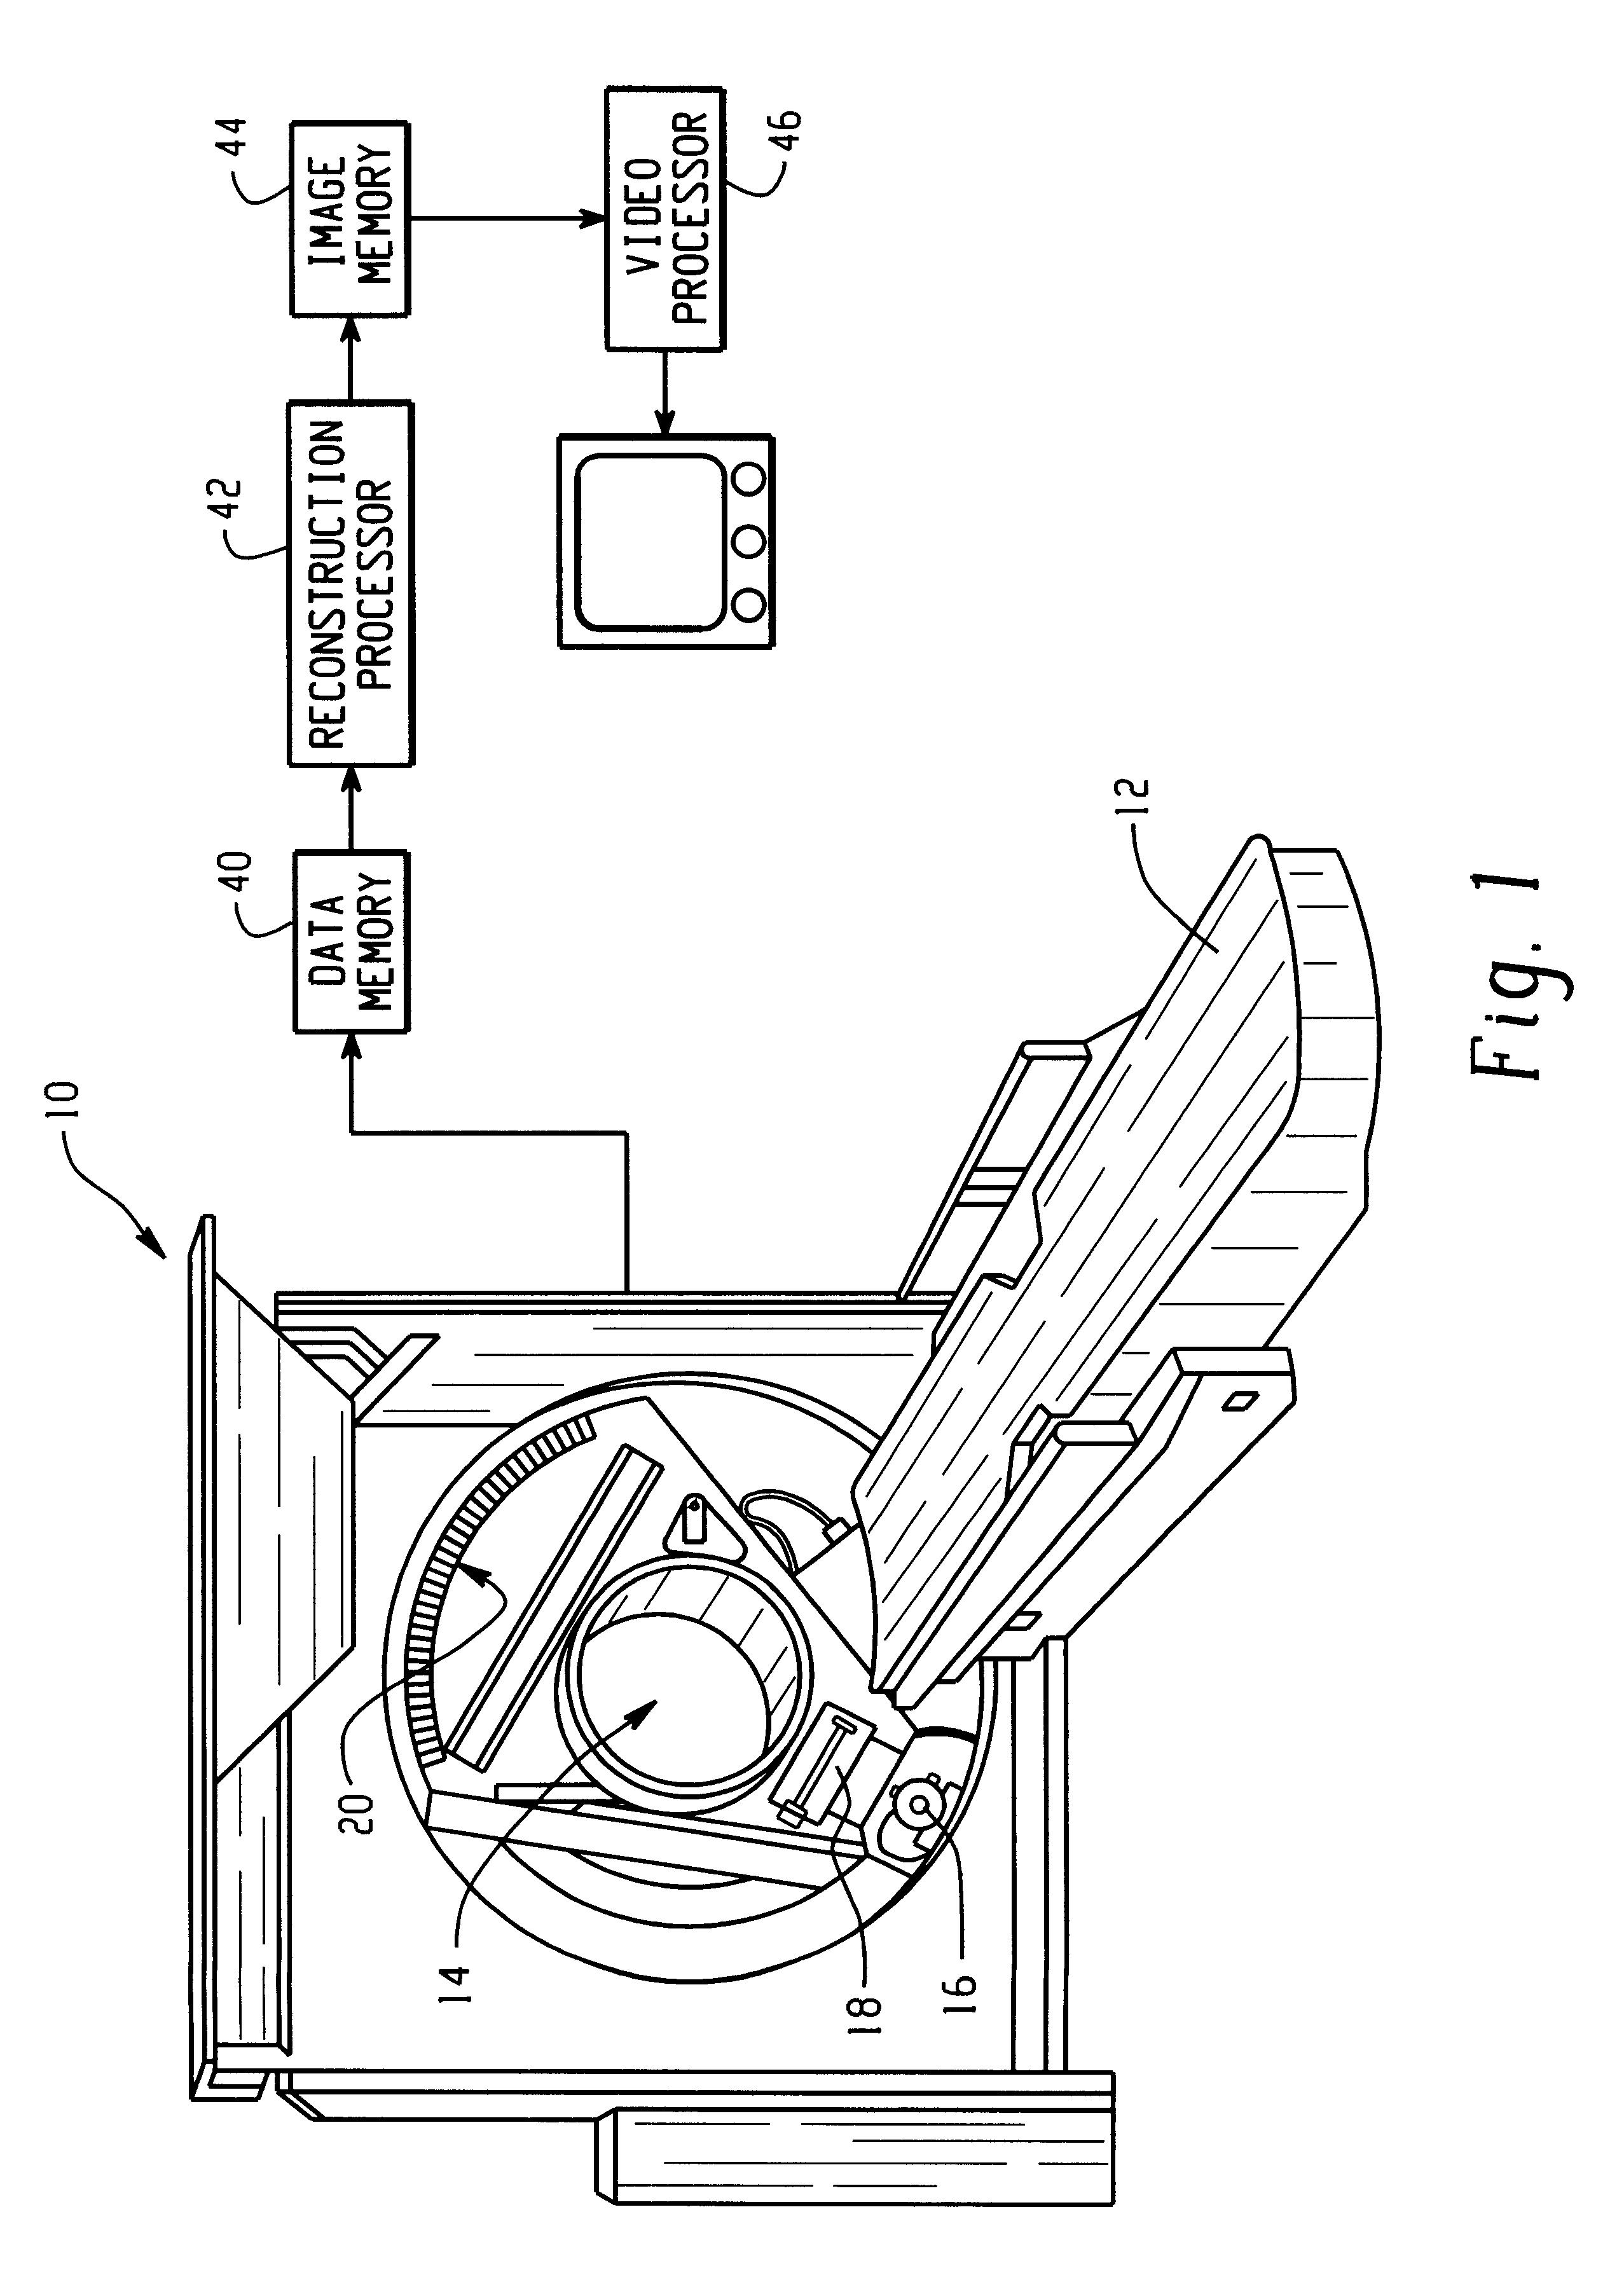 patent us6426991